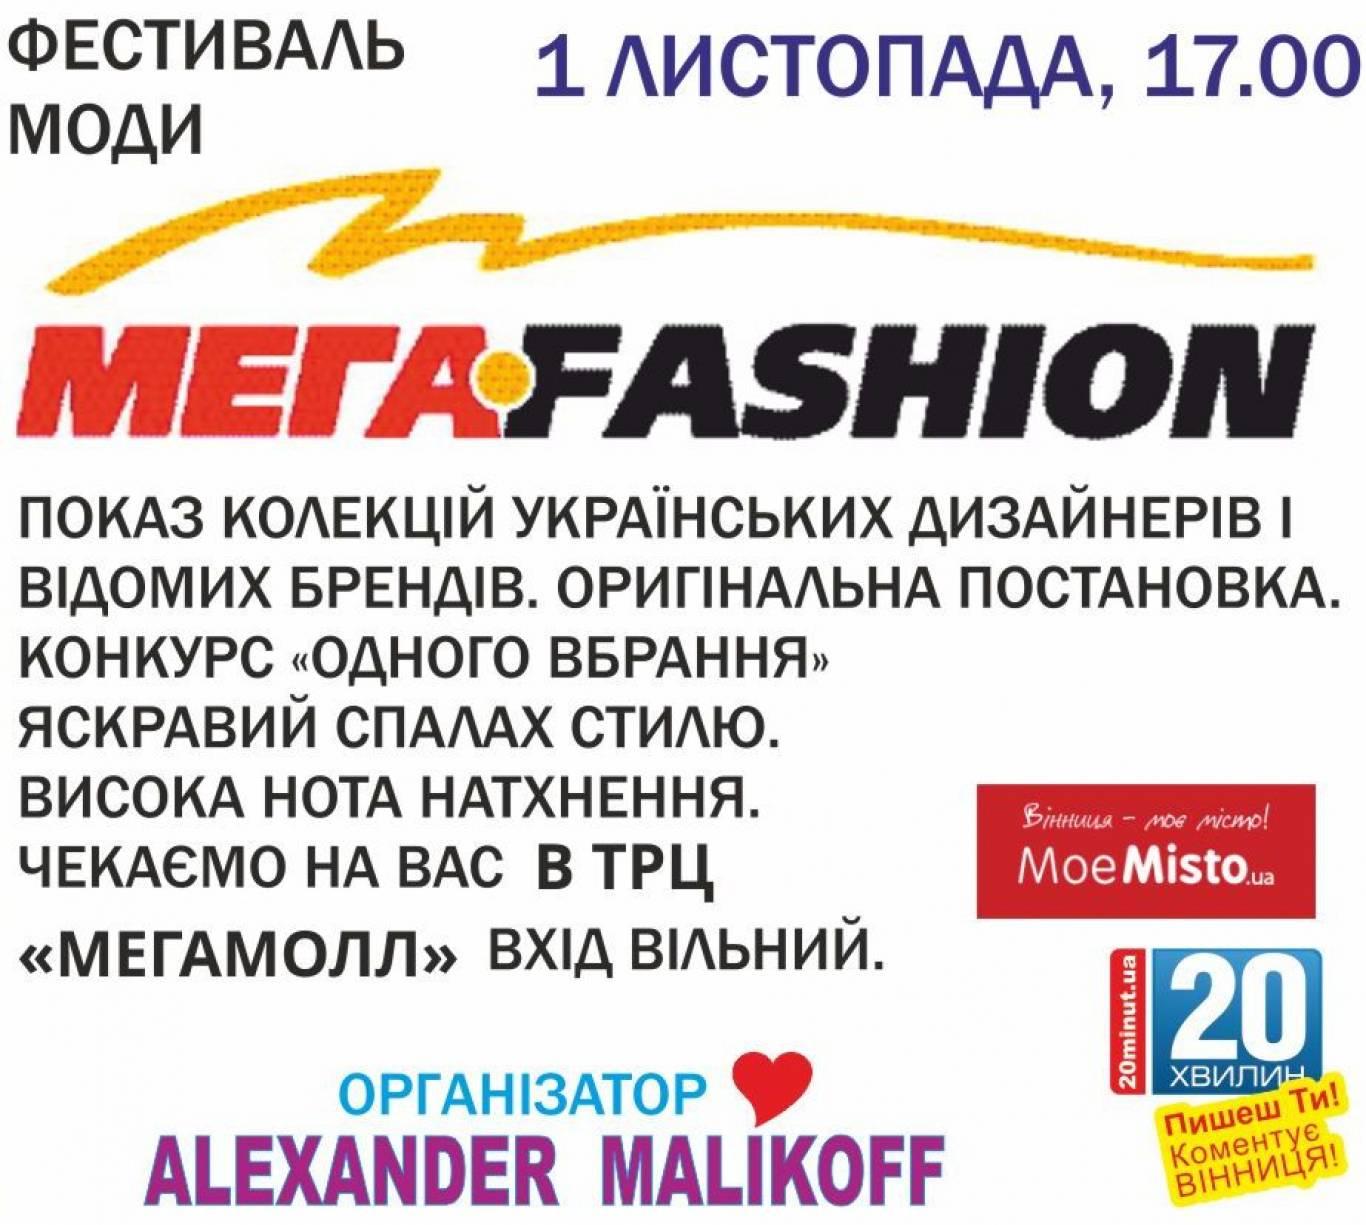 Фестиваль моди «МегаFashion»